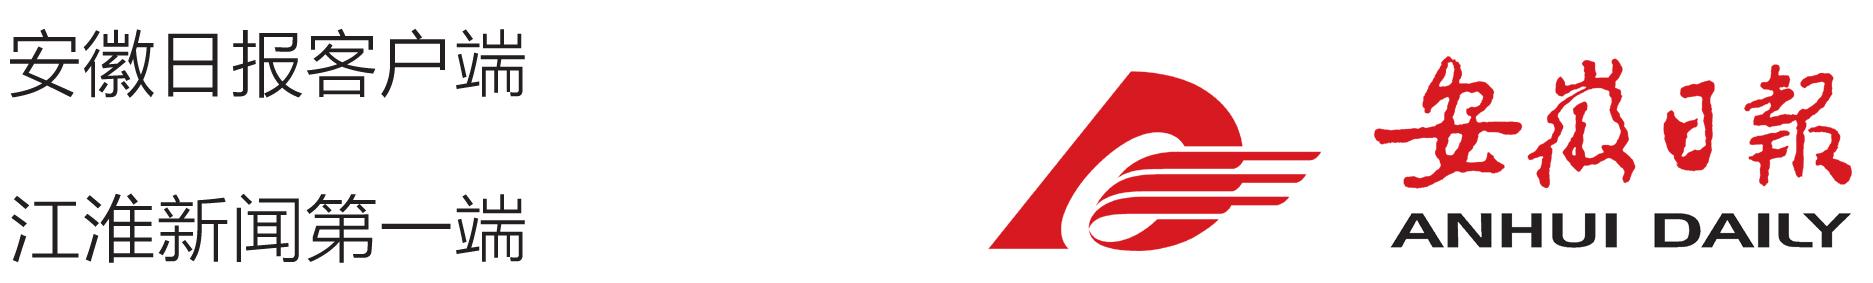 安徽日报logo